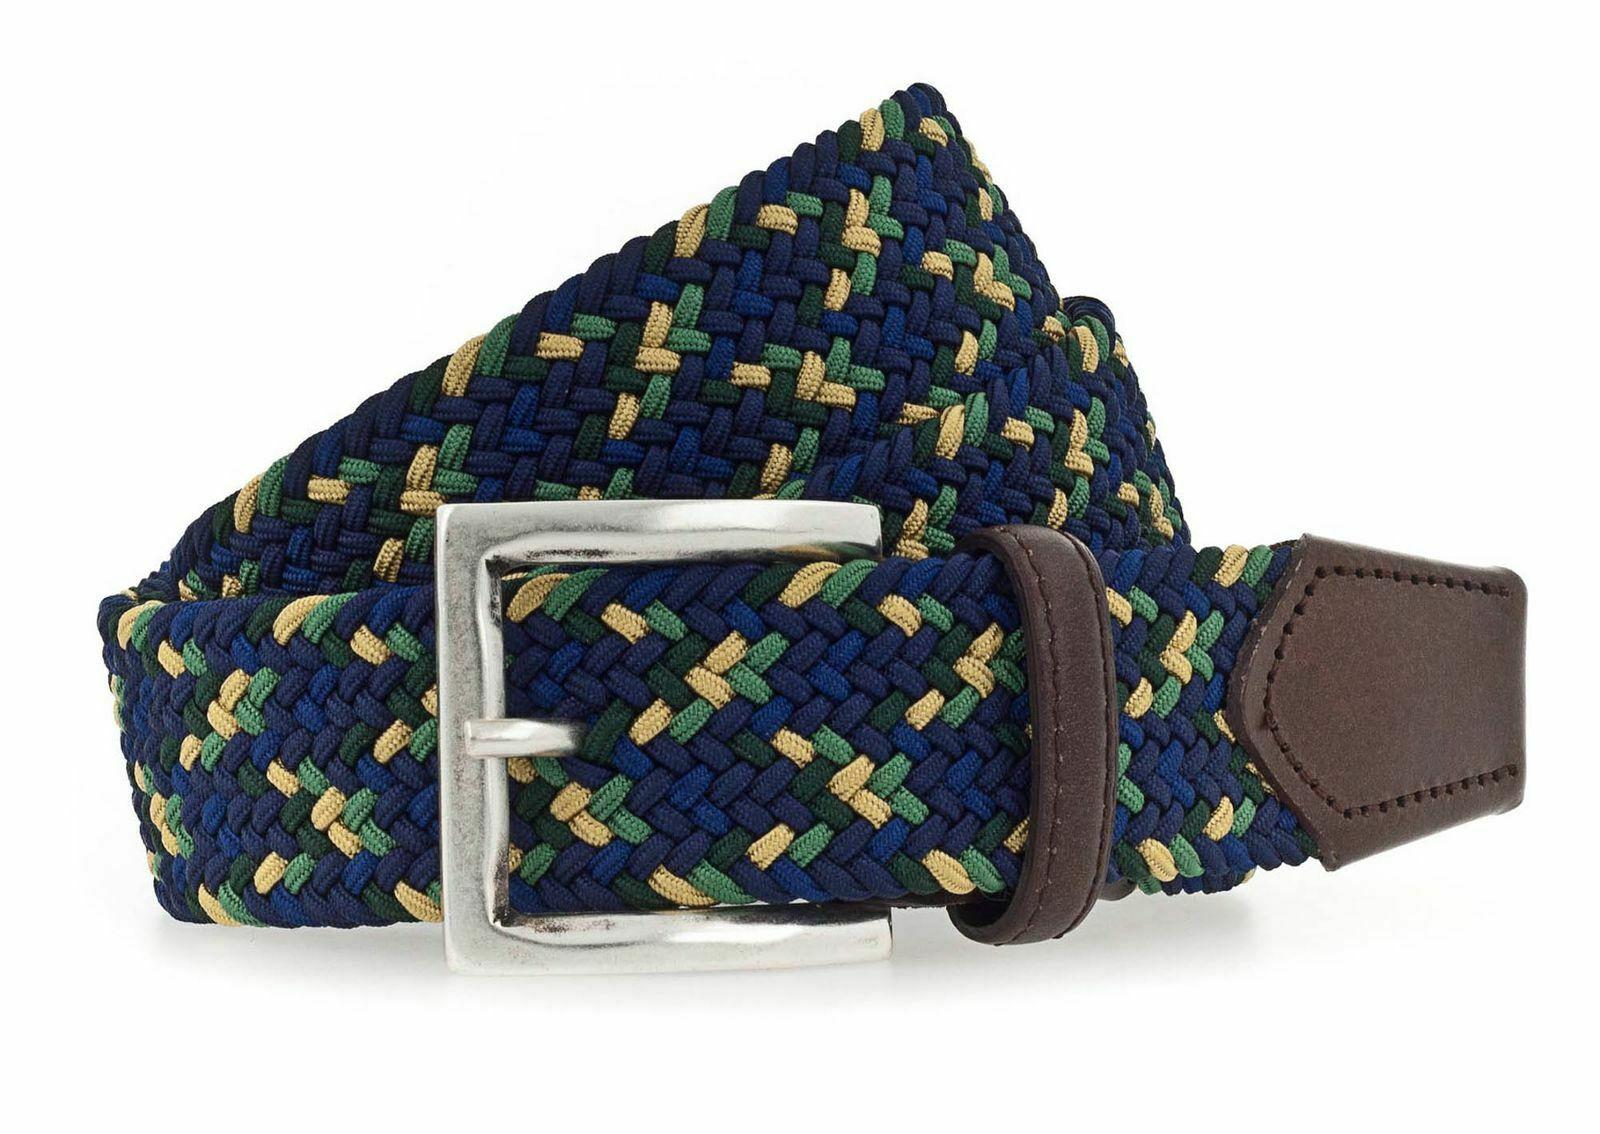 b.belt Luca Stretch Belt W95 Gürtel Accessoire Navy - Light Green Blau Grün Neu